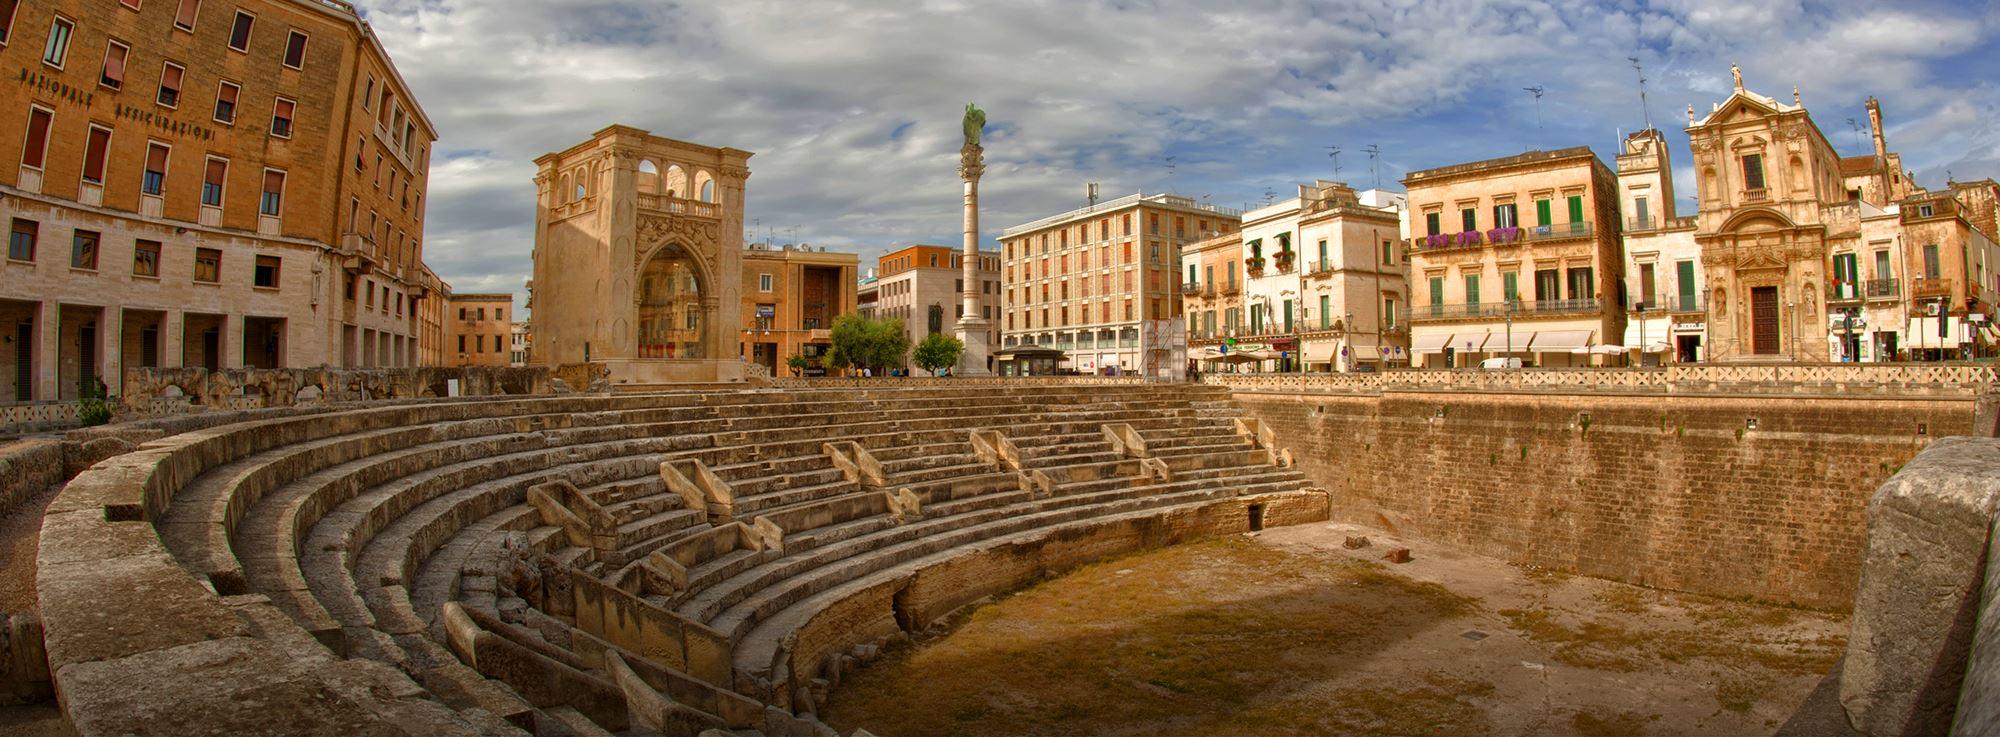 Lecce: Festival InBellezza, Artigianato d'Eccellenza, Cortili Aperti